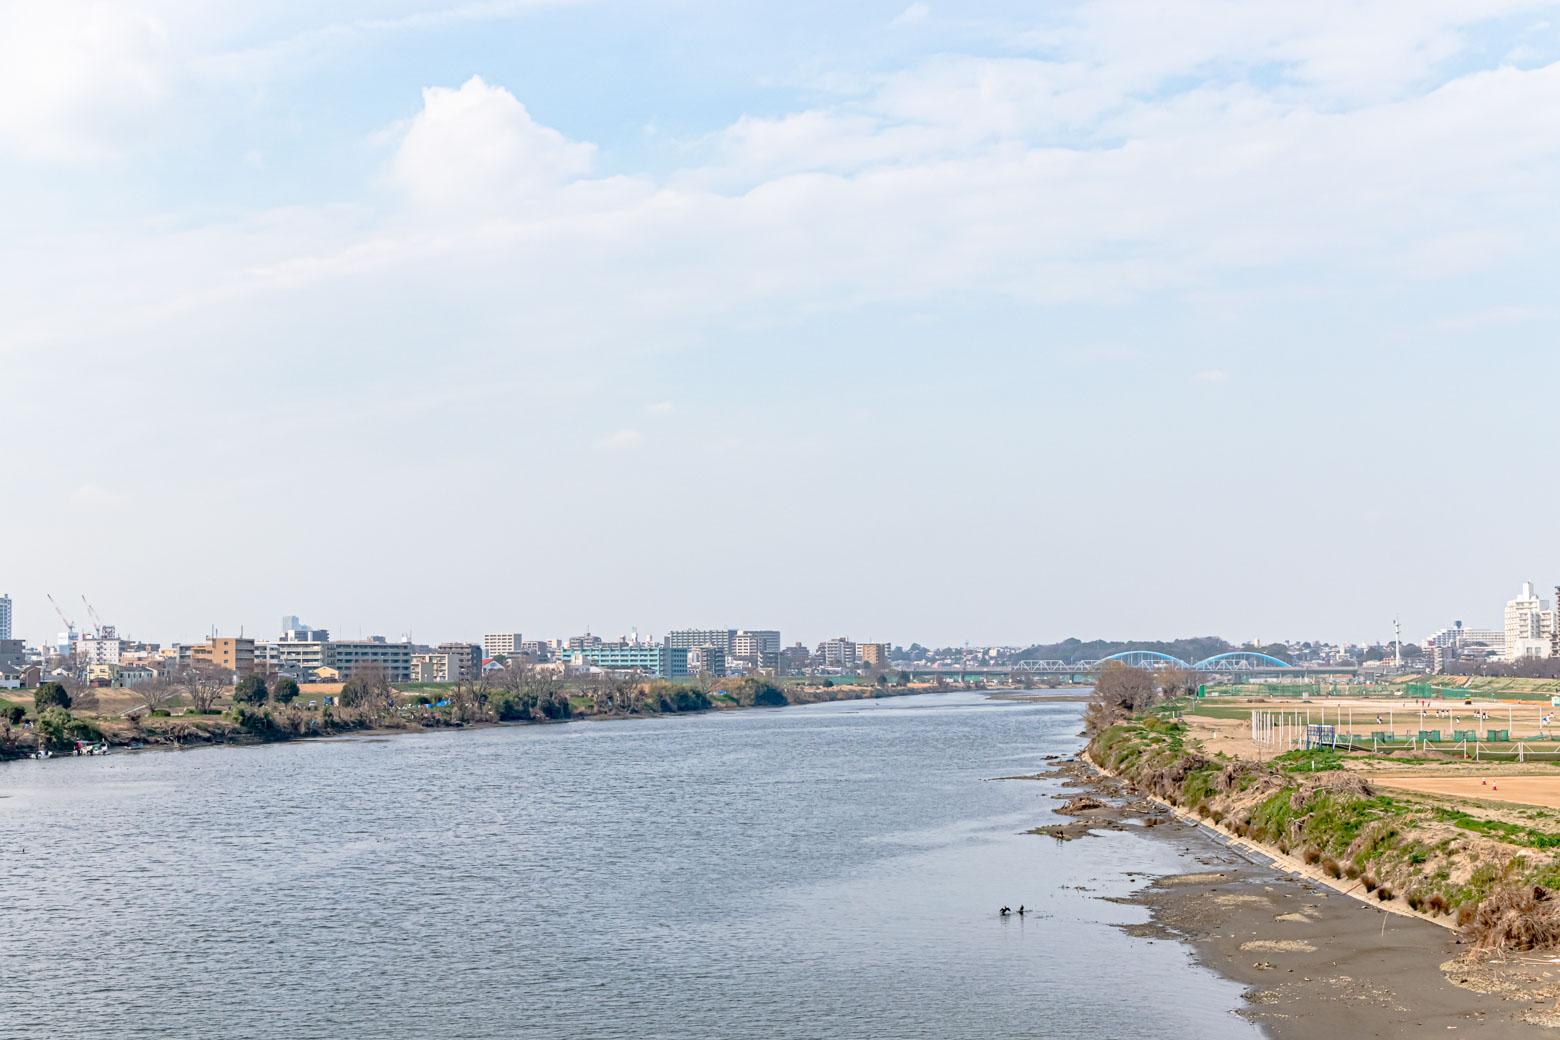 品川に近い賃貸で、住みやすい街はここ!グッドルームのおすすめ9駅まとめ